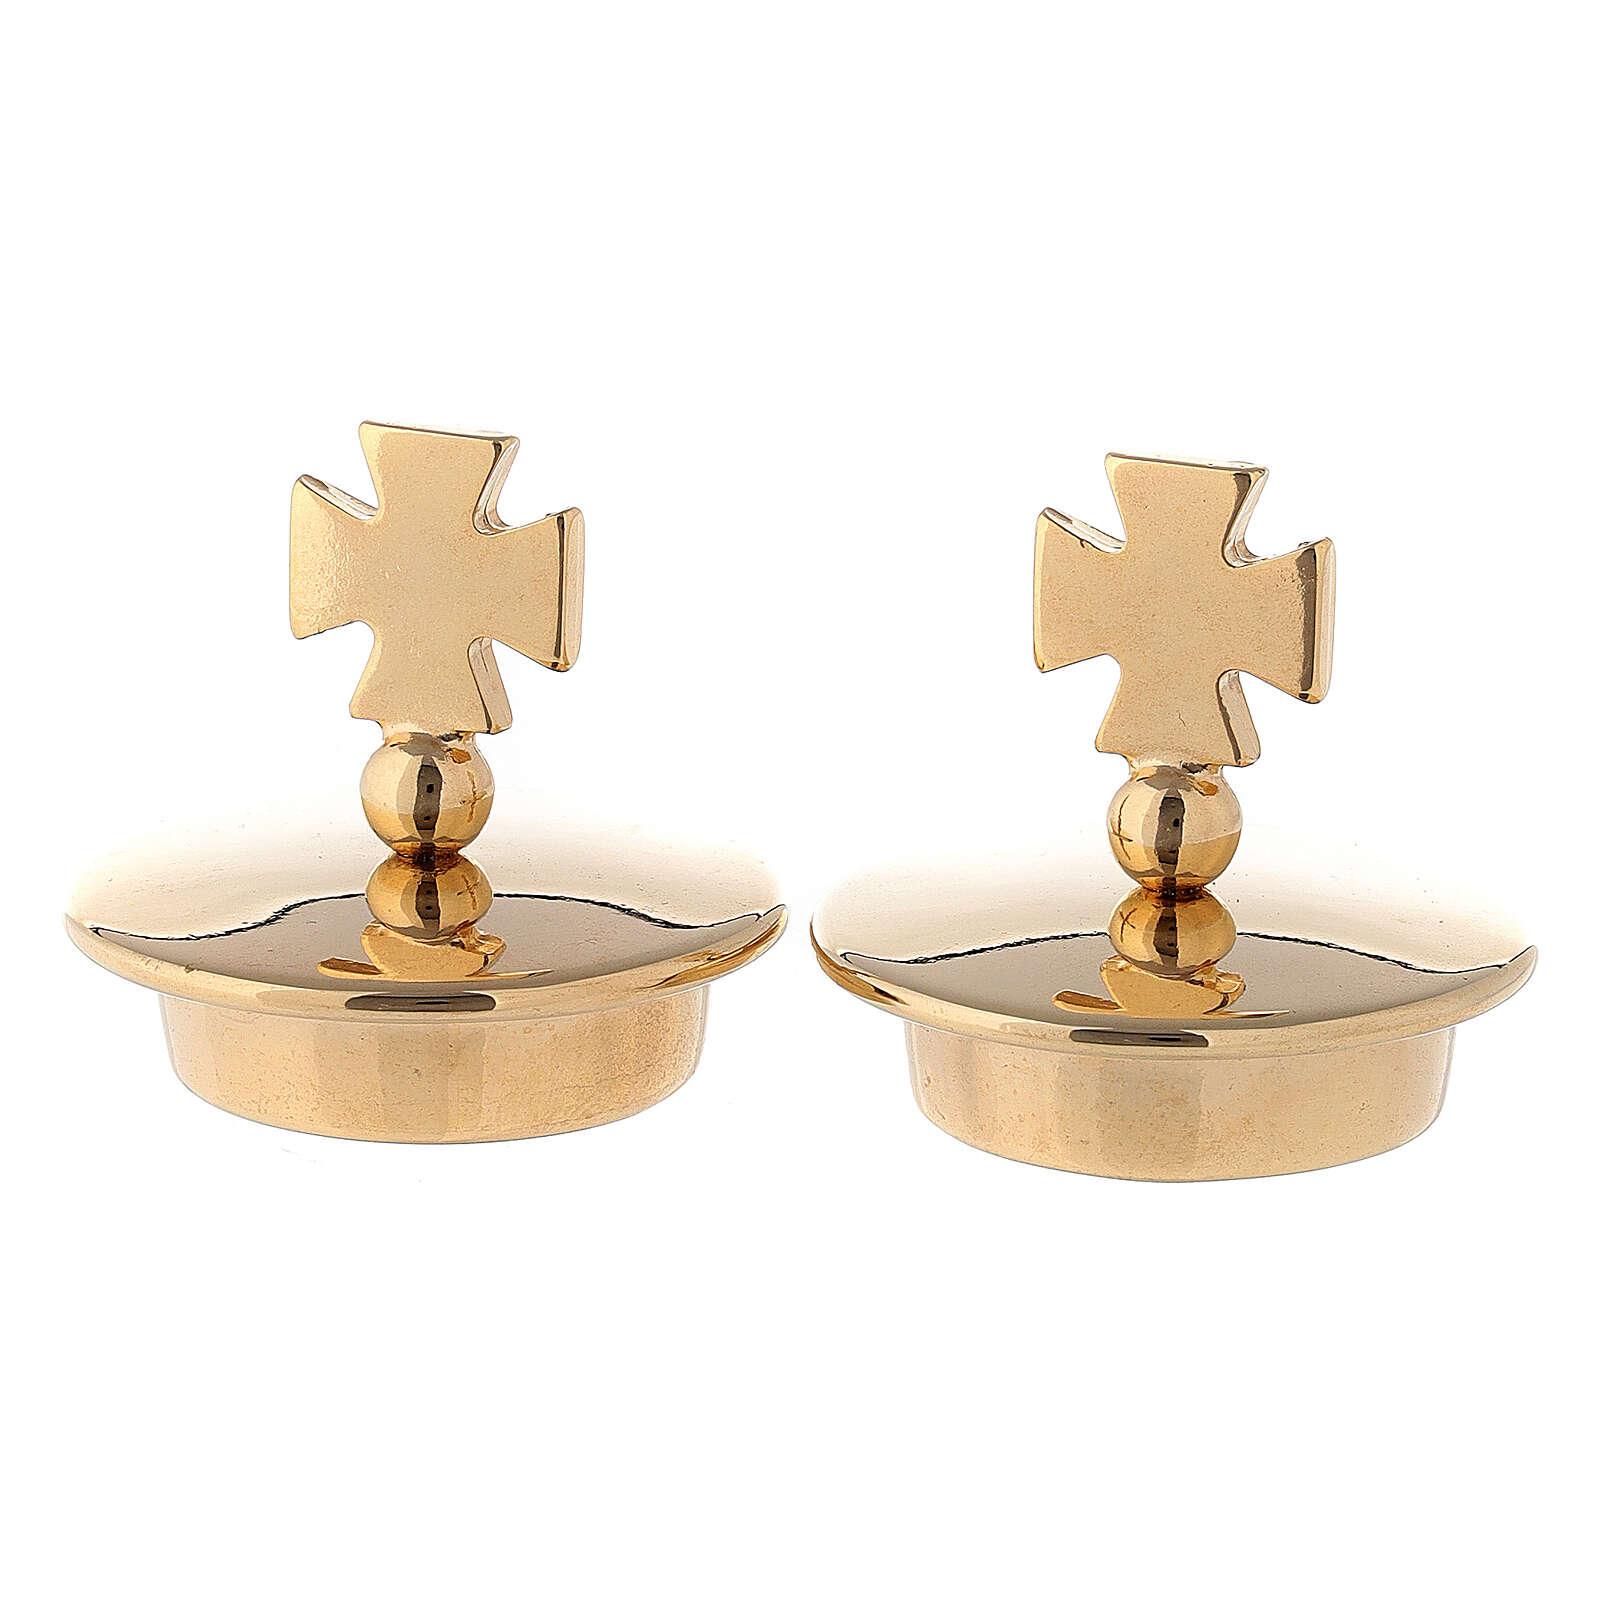 Bouchons pour burettes laiton doré 24K mod. Bologne croix Malte 4